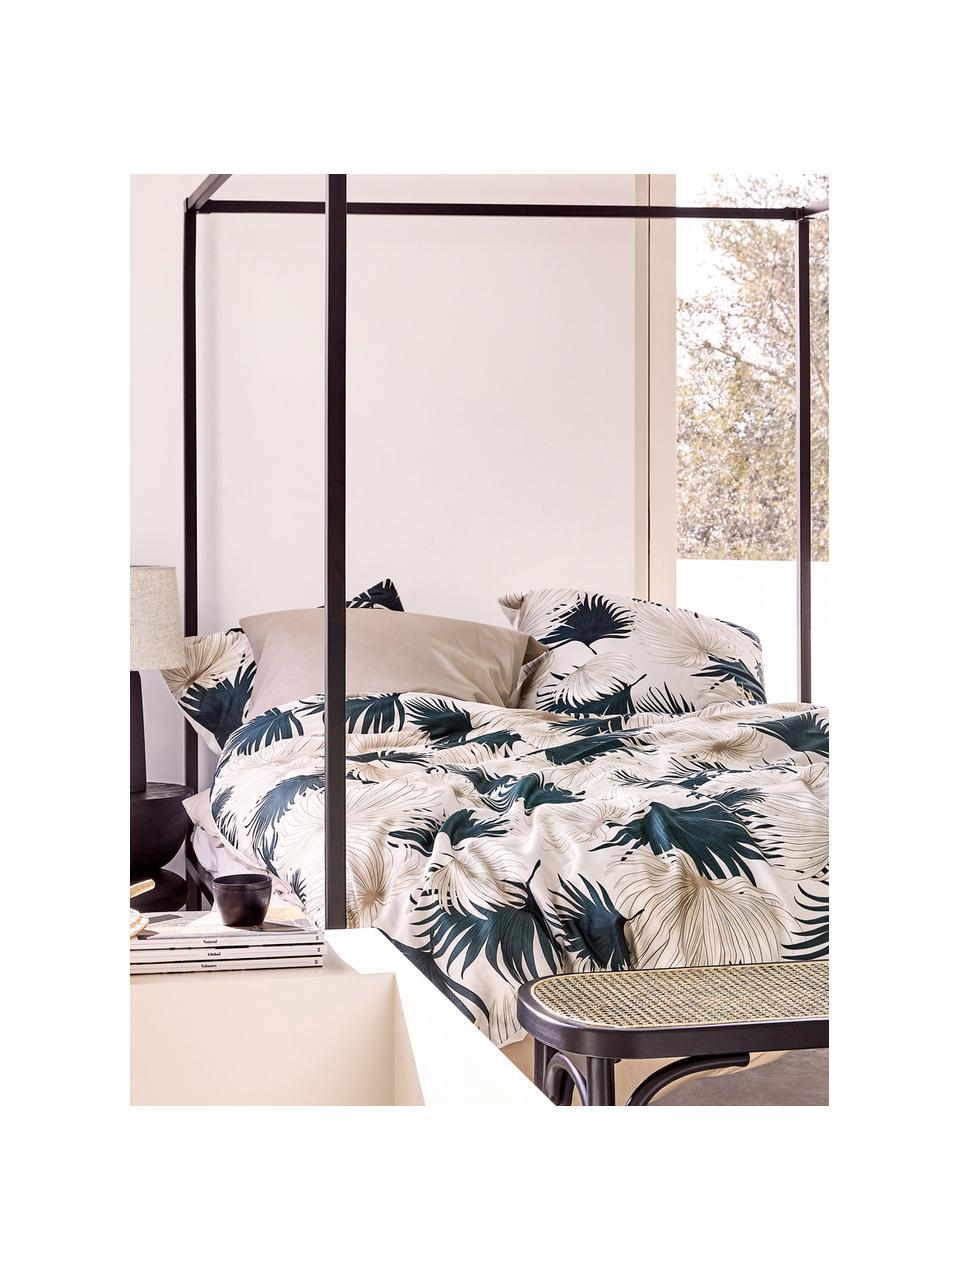 Baumwollsatin-Bettwäsche Aloha mit Palmenblättern, Webart: Satin Fadendichte 210 TC,, Vorderseite: Beige, GrünRückseite: Beige, 240 x 220 cm + 2 Kissen 80 x 80 cm